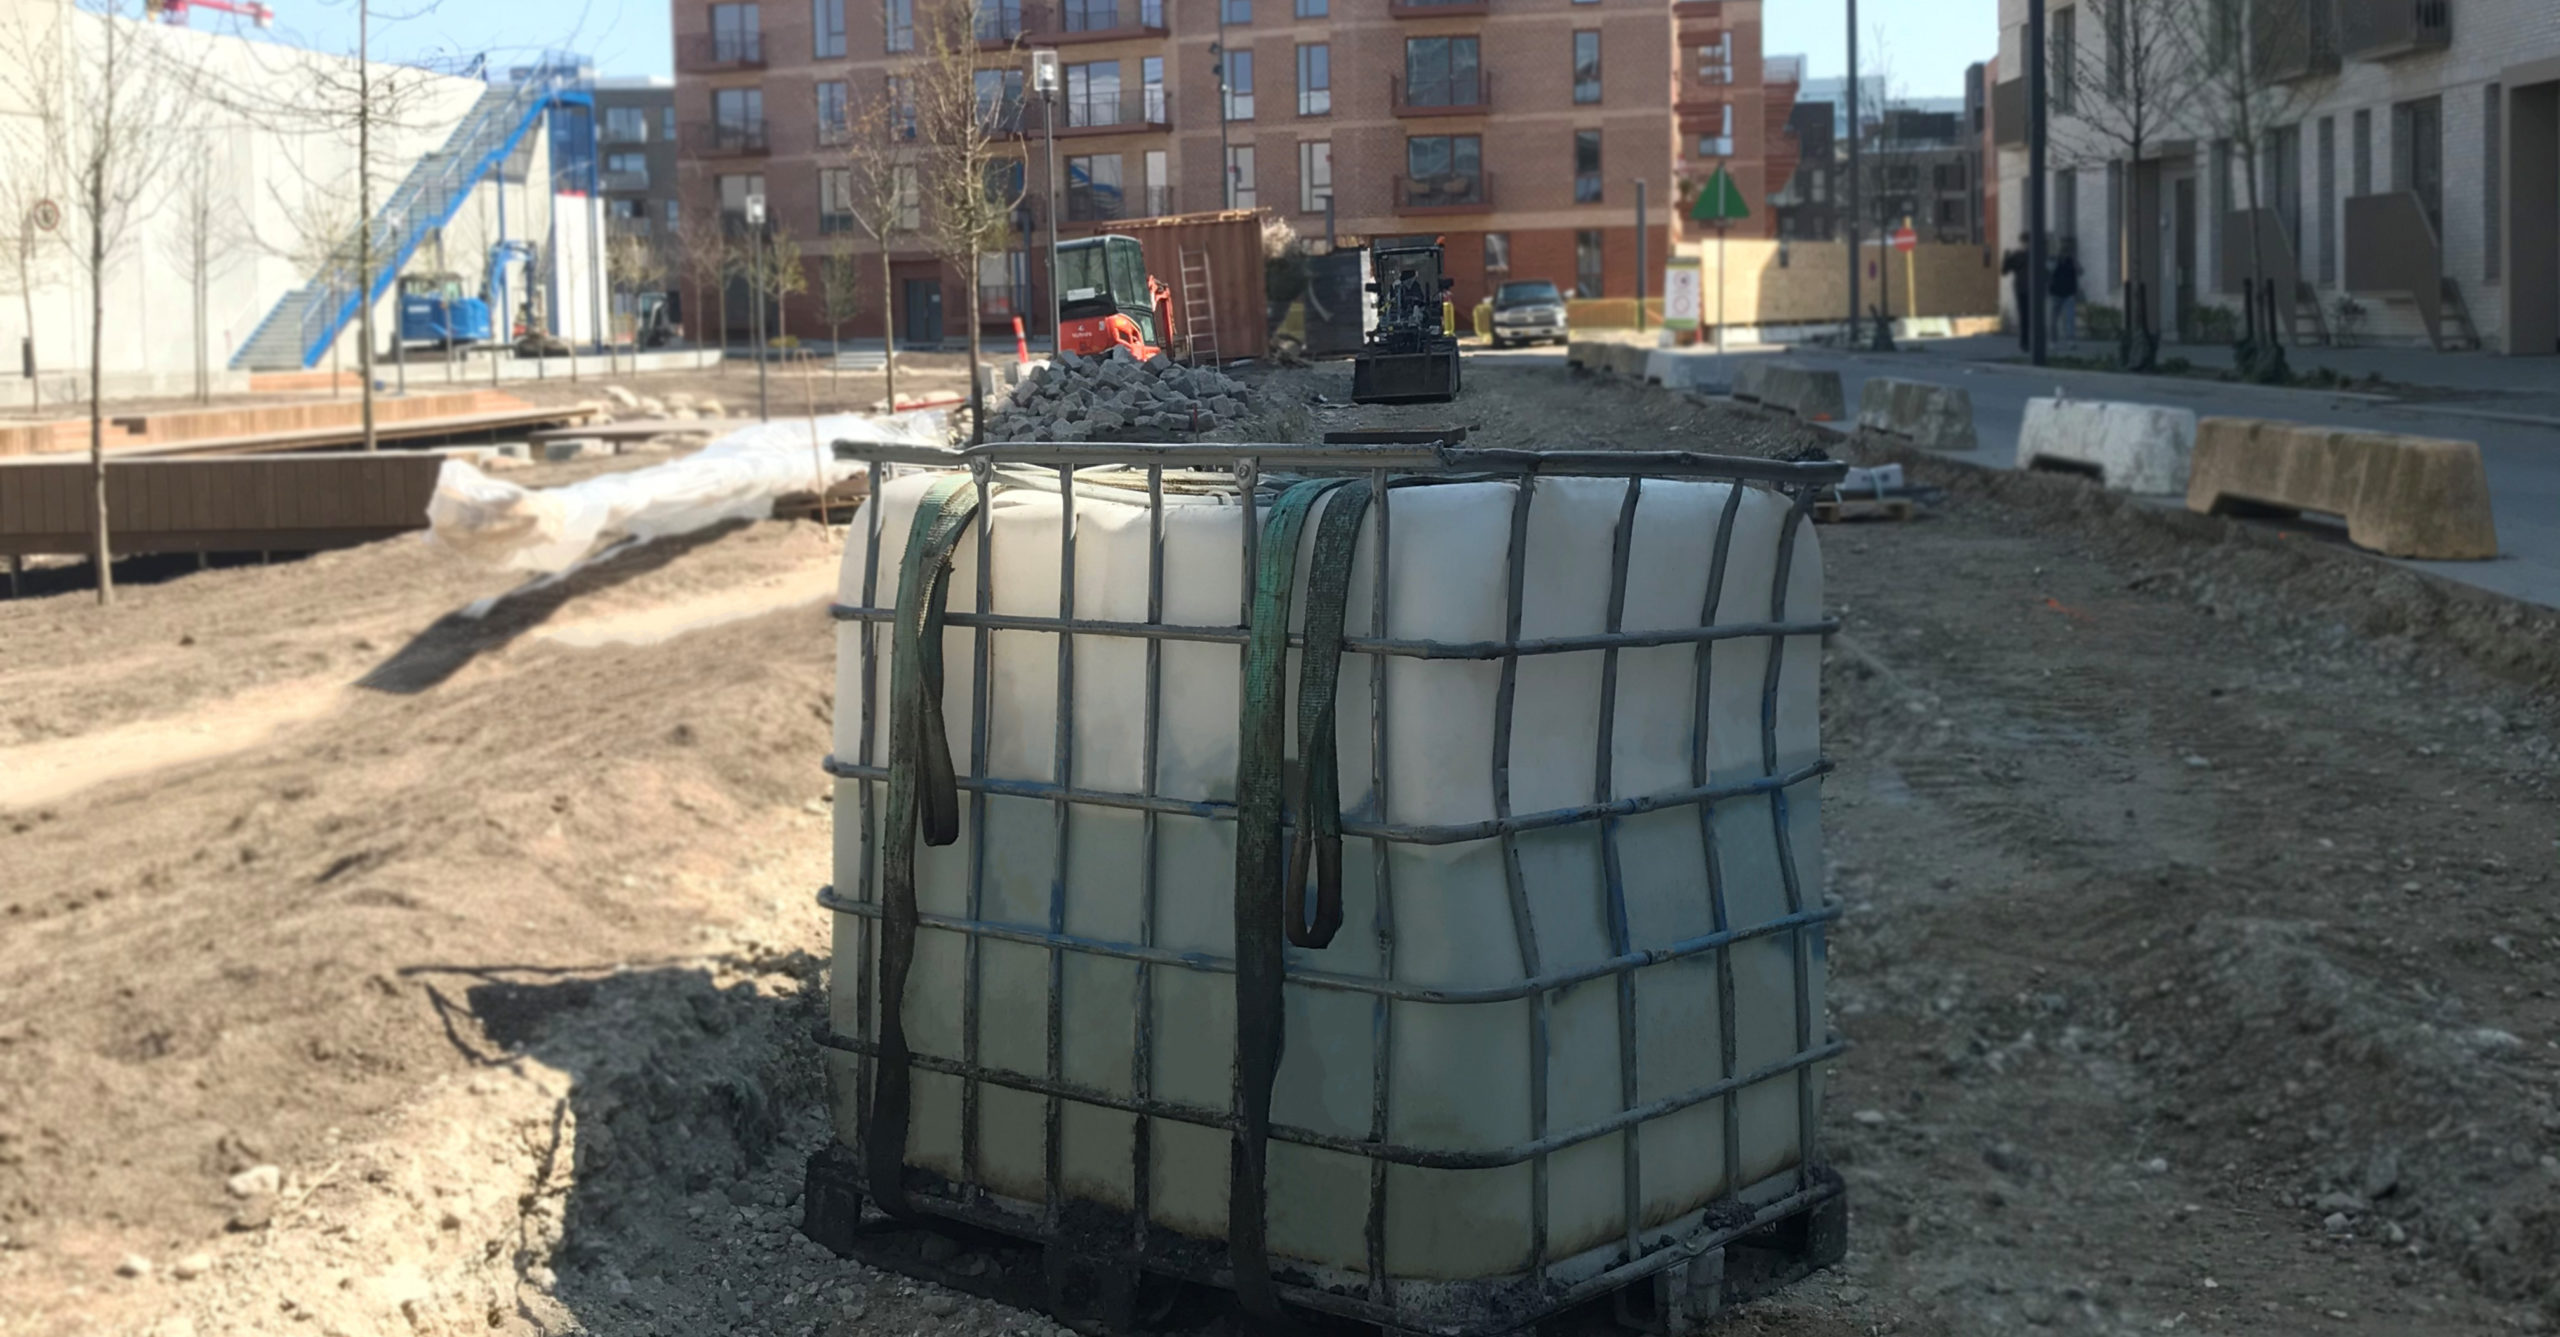 IBC tank